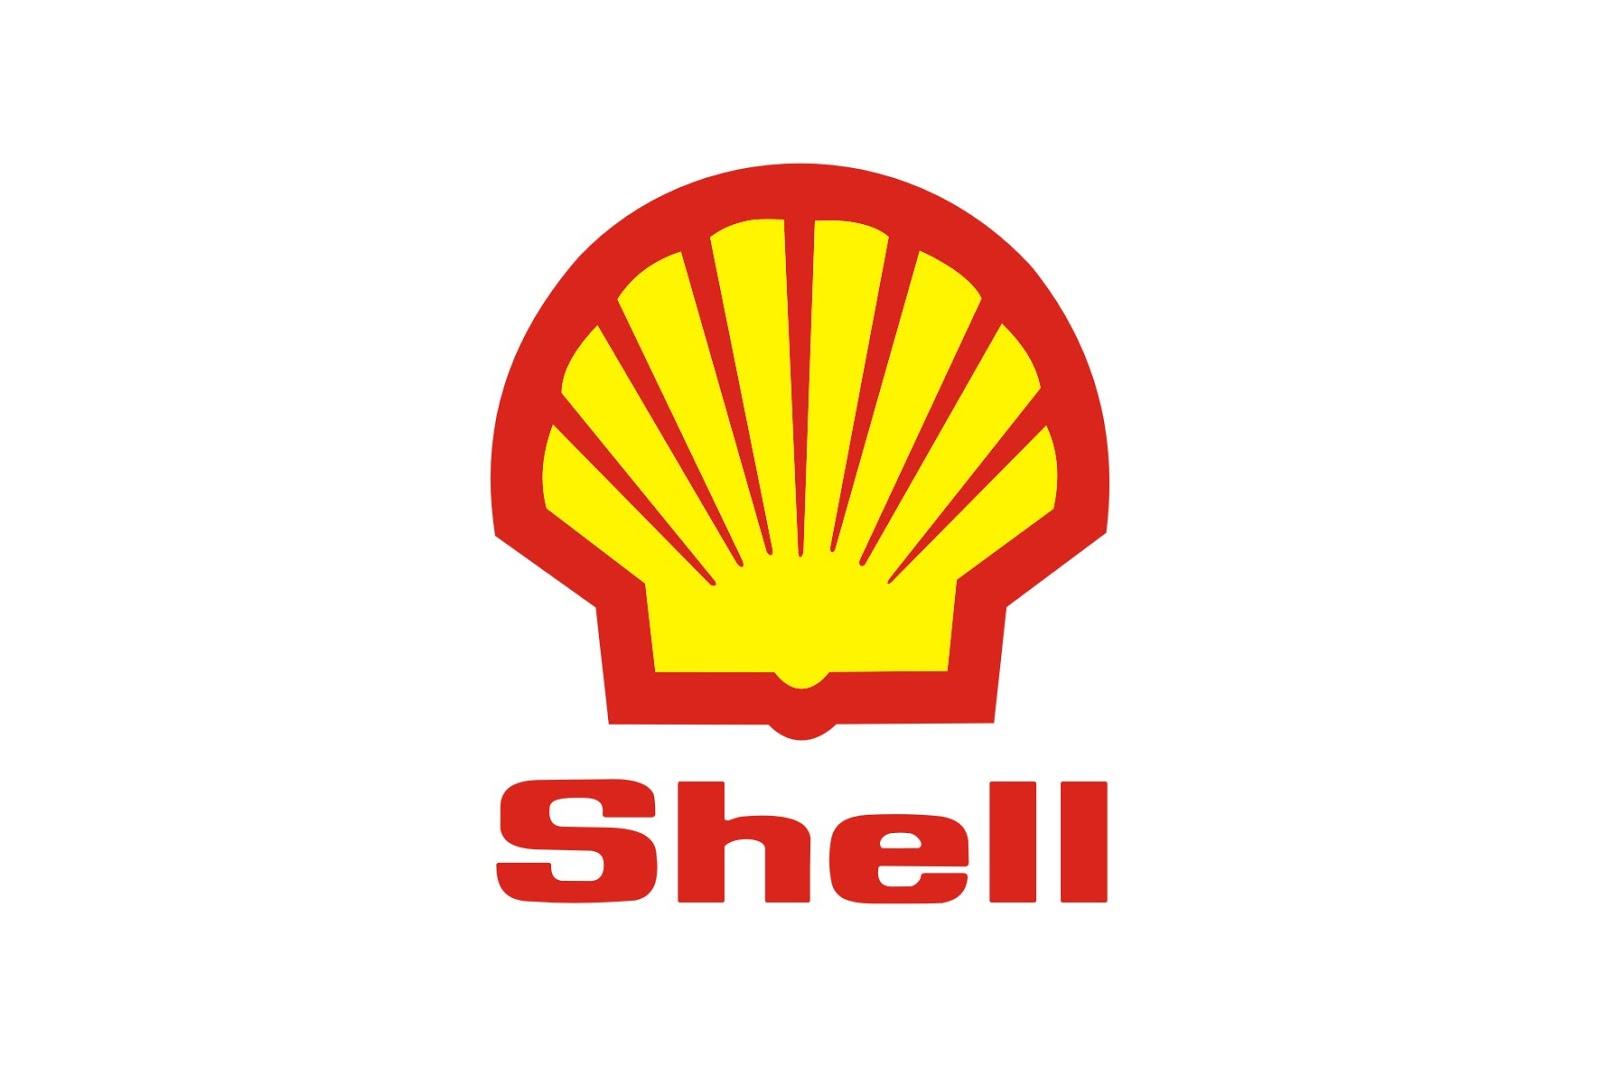 shell logo rh logo share blogspot com shell rimula logo vector shell logo vector cdr